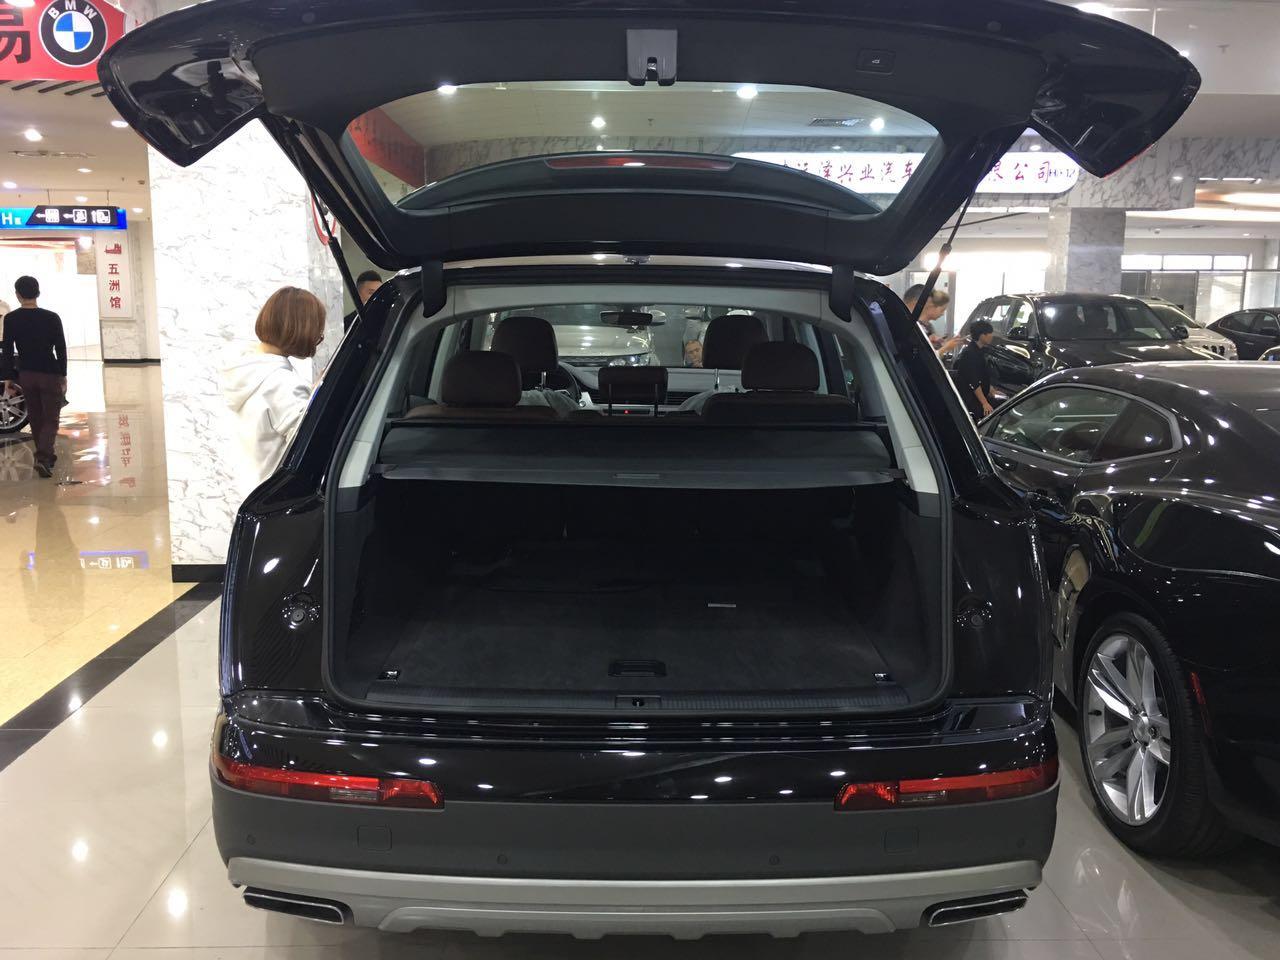 7款奥迪Q7宽大的乘坐空间给人以商务车的错觉。车内的玻璃升降开关和杯架都经过镀铬装饰,熠熠生辉的金属饰条让车内的尊贵感提升。奥迪Q7以创新的轻量化科技和豪华舒适的驾乘体验、同级别最大的车内空间和最丰富的驾驶辅助系统,为同级车型树立了划时代的全新准。